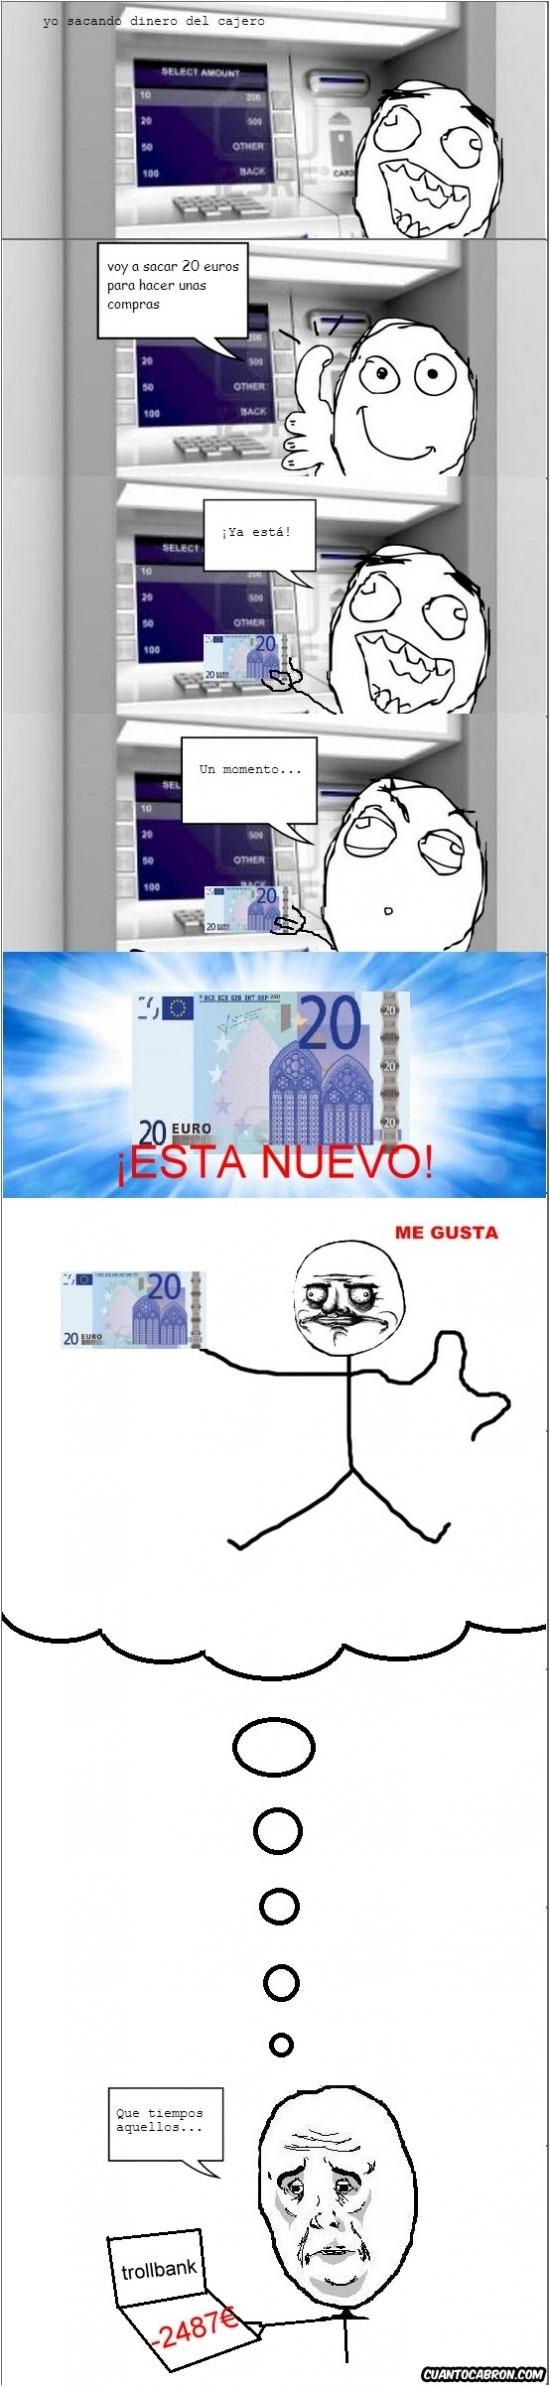 banco,billete,cajero,me gusta,olor a nuevo,sacar dinero,trollbank